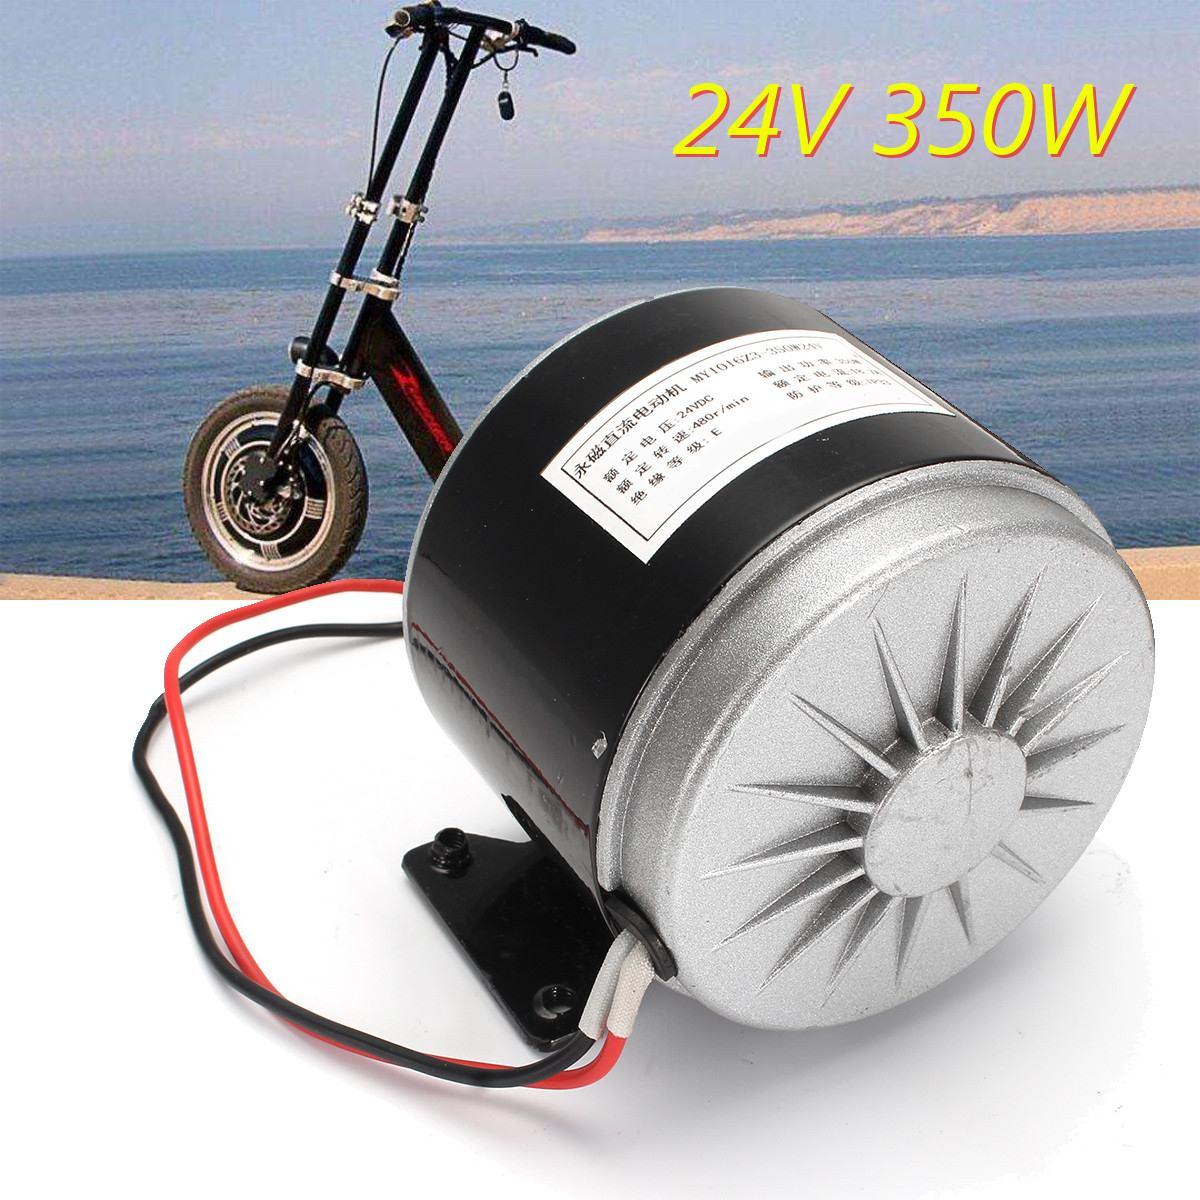 24V DC 350W Elektrische Roller Motor Conversion Kit MY1016 Gebürstet Motor Set Für Elektrische Fahrrad ZY1016 Elektrische motor